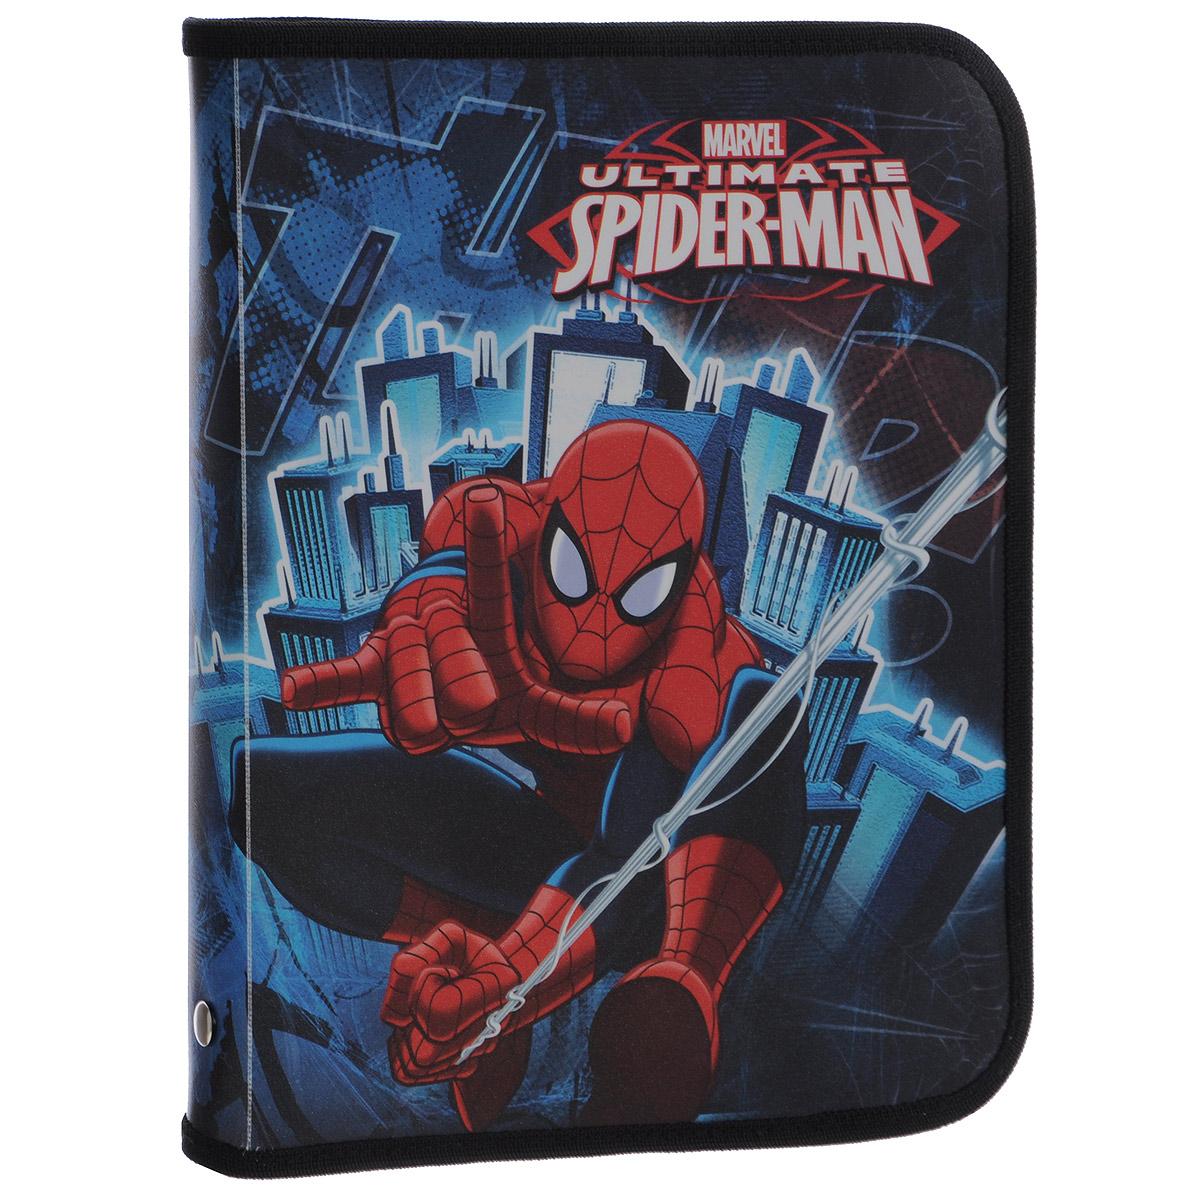 Папка для тетрадей Spider-man Classic, цвет: синий, красный. Формат А5SMCB-US1-CPBFLПапка для тетрадей Spider-man Classic- это удобный и функциональный инструмент. В папке одно вместительное отделение, которое идеально подойдет для хранения различных бумаг формата А5, а также школьных тетрадей и письменных принадлежностей. Папка оформлена красочными изображениями героев мультфильма Spider-man Classic. Папка изготовлена из прочного пластика. Края папки окантованы мягкой текстильной тесьмой. Надежная застежка-молния вокруг папки обеспечивает максимальный комфорт в использовании изделия, позволяя быстро открыть и закрыть папку. Папка практична в использовании и надежно сохранит ваши бумаги и сбережет их от повреждений, пыли и влаги.